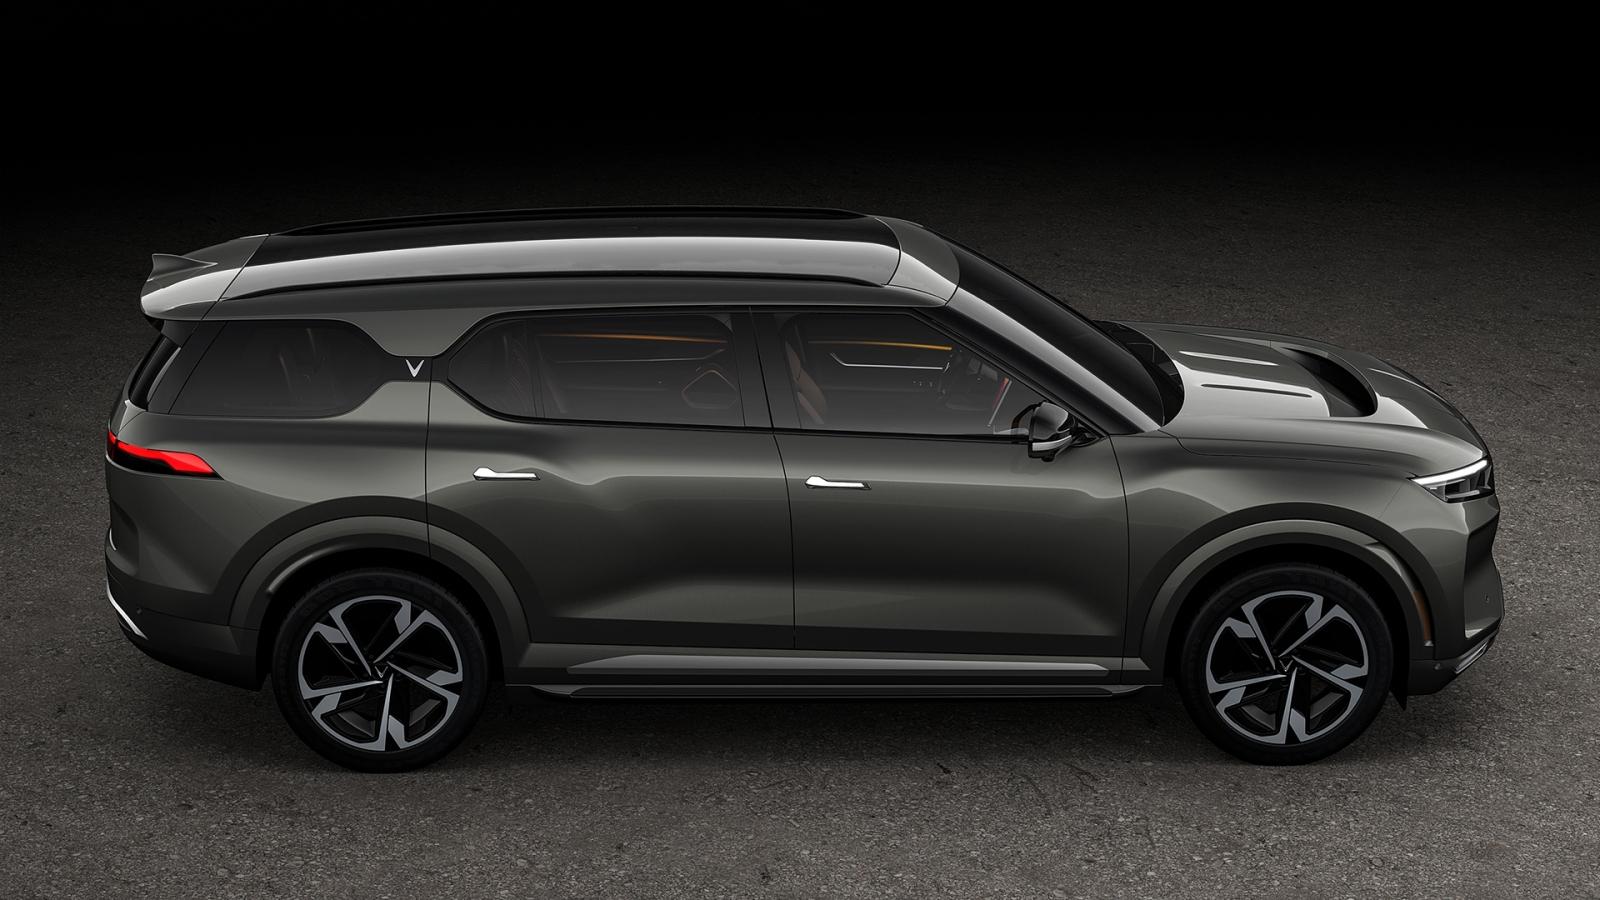 VinFast ra mắt dòng ô tô điện tự lái - khẳng định trở thành hãng xe điện thông minh